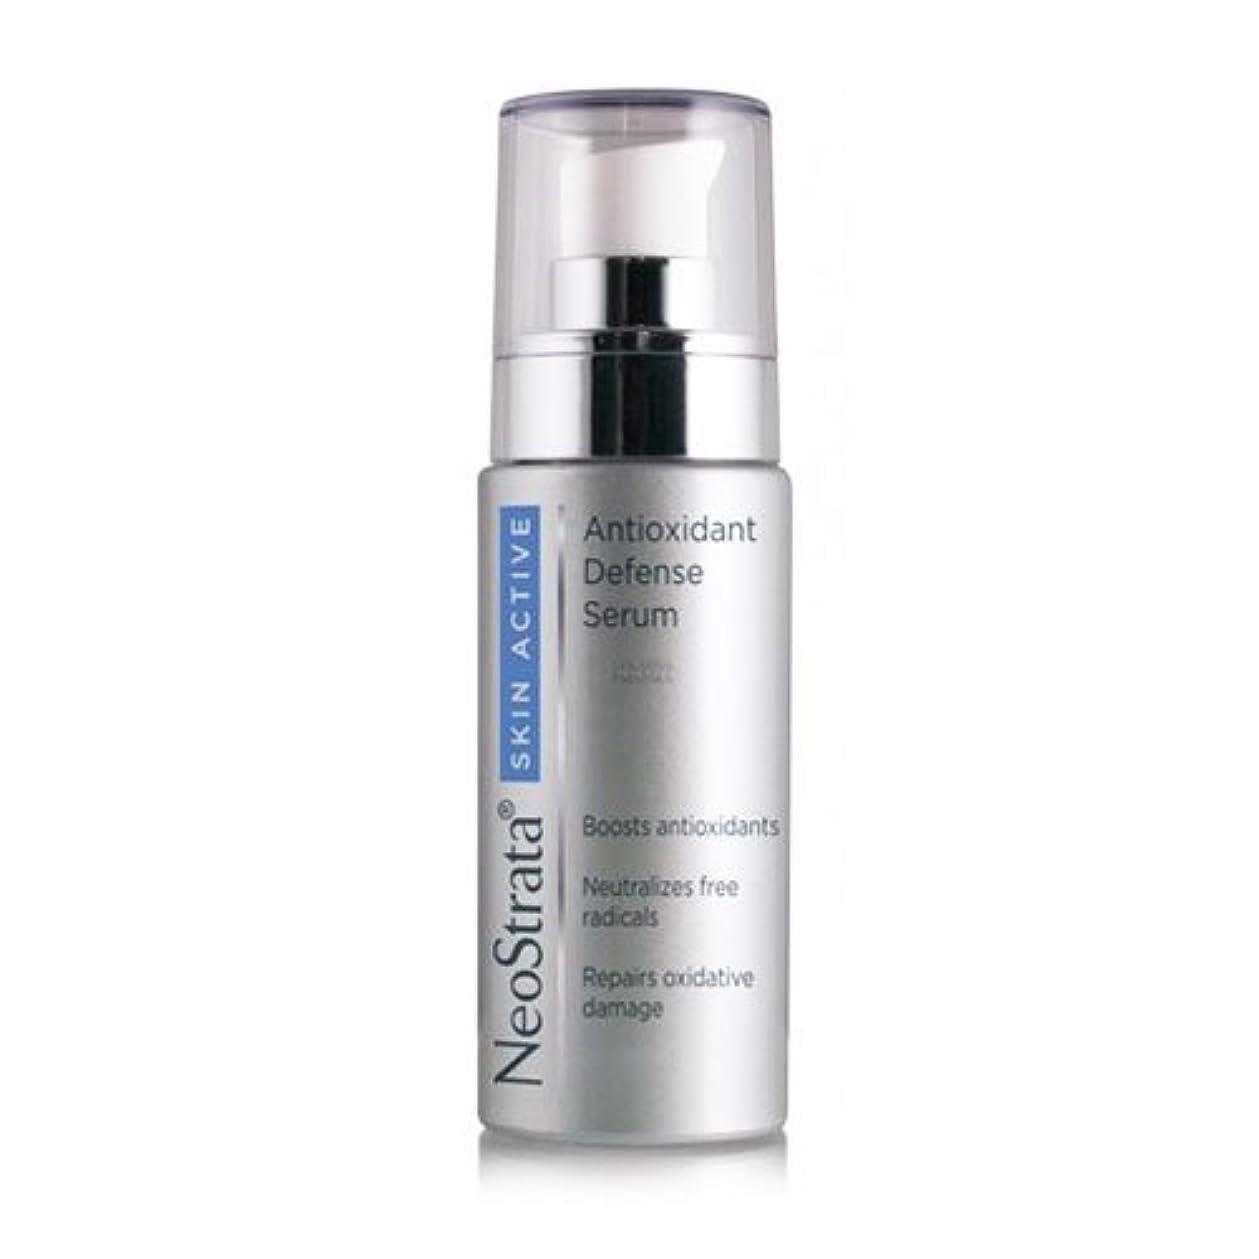 肯定的ストレンジャー鑑定Neostrata Skin Active Antioxidant Defense Serum 30ml [並行輸入品]